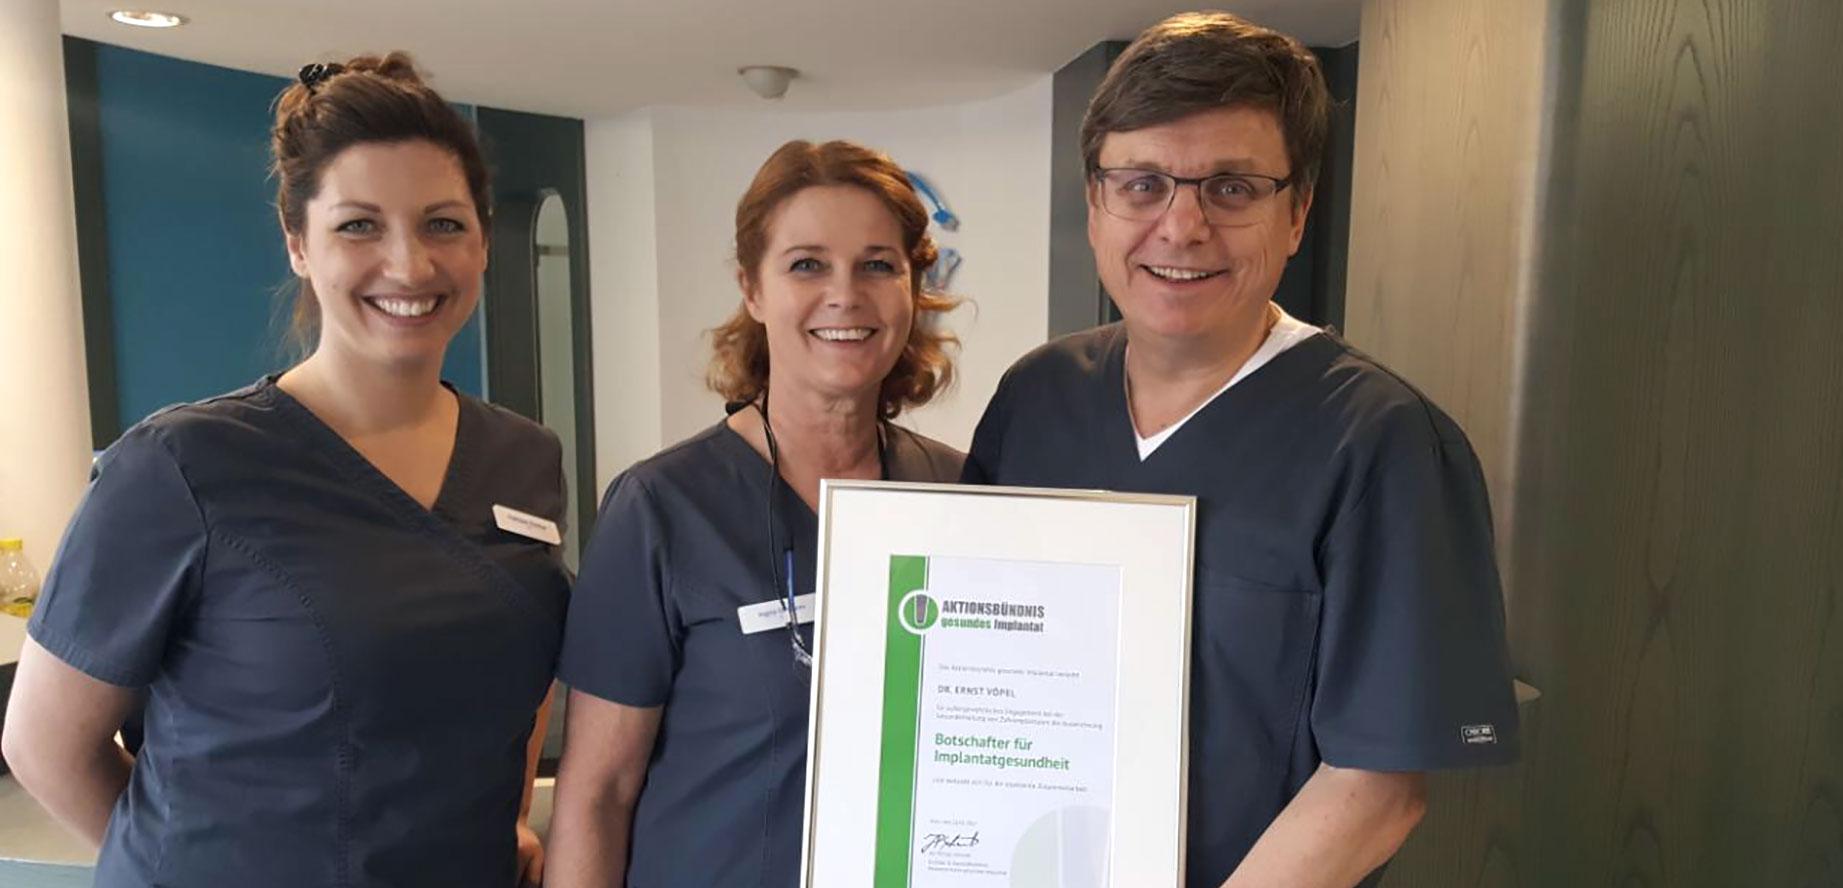 Botschafter für Implantatgesundheit: Dr. .Ernst Vöpel